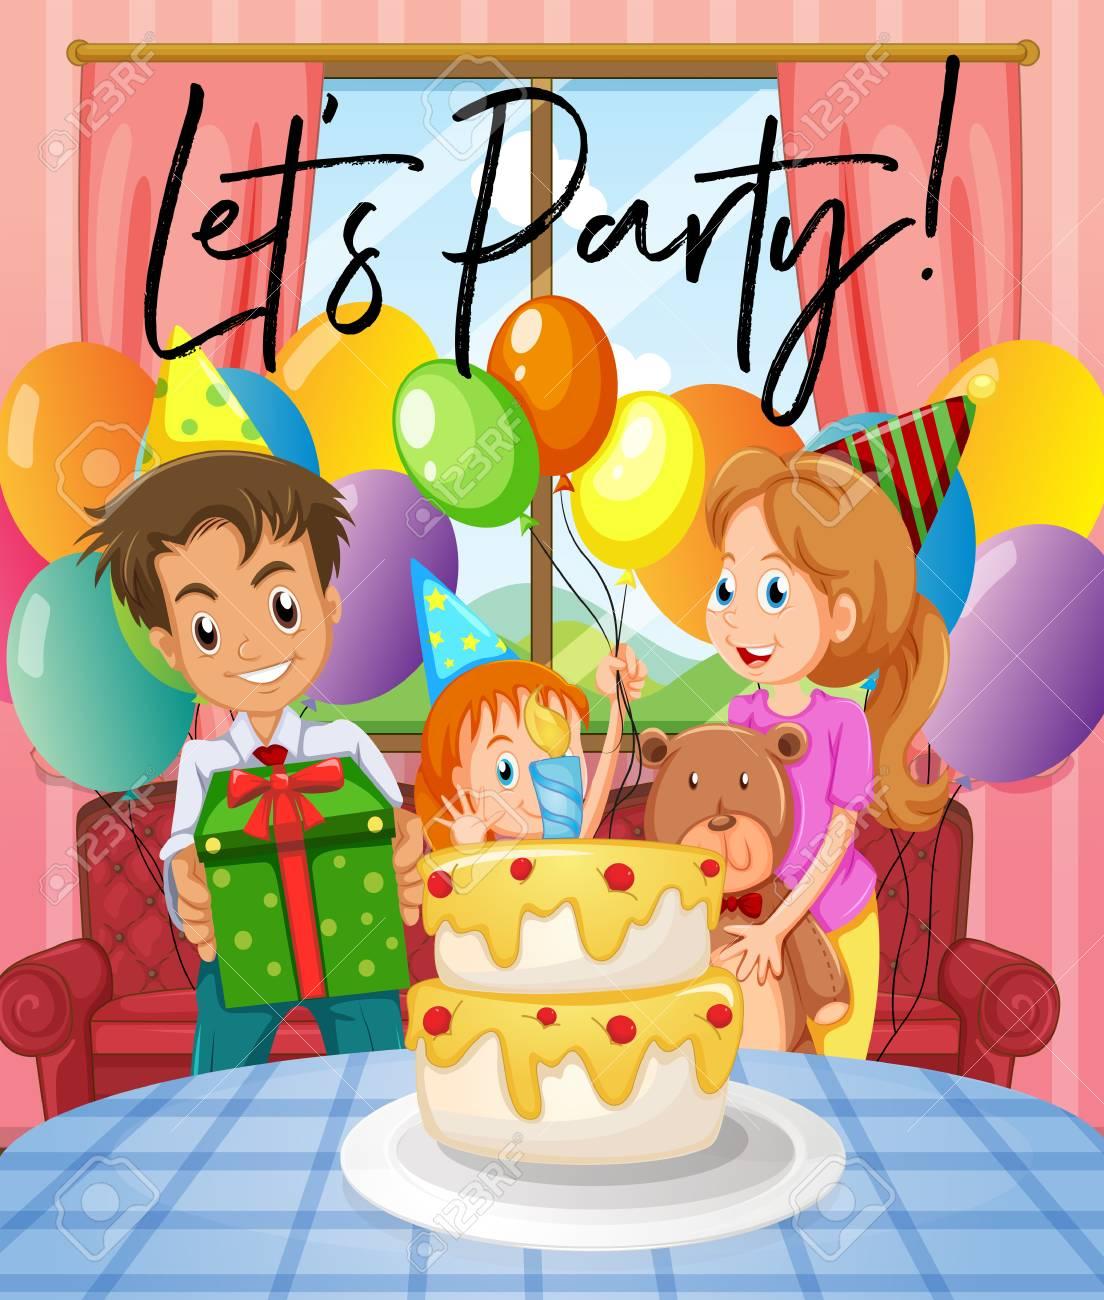 家族イラスト誕生日パーティーのシーンのイラスト素材ベクタ Image